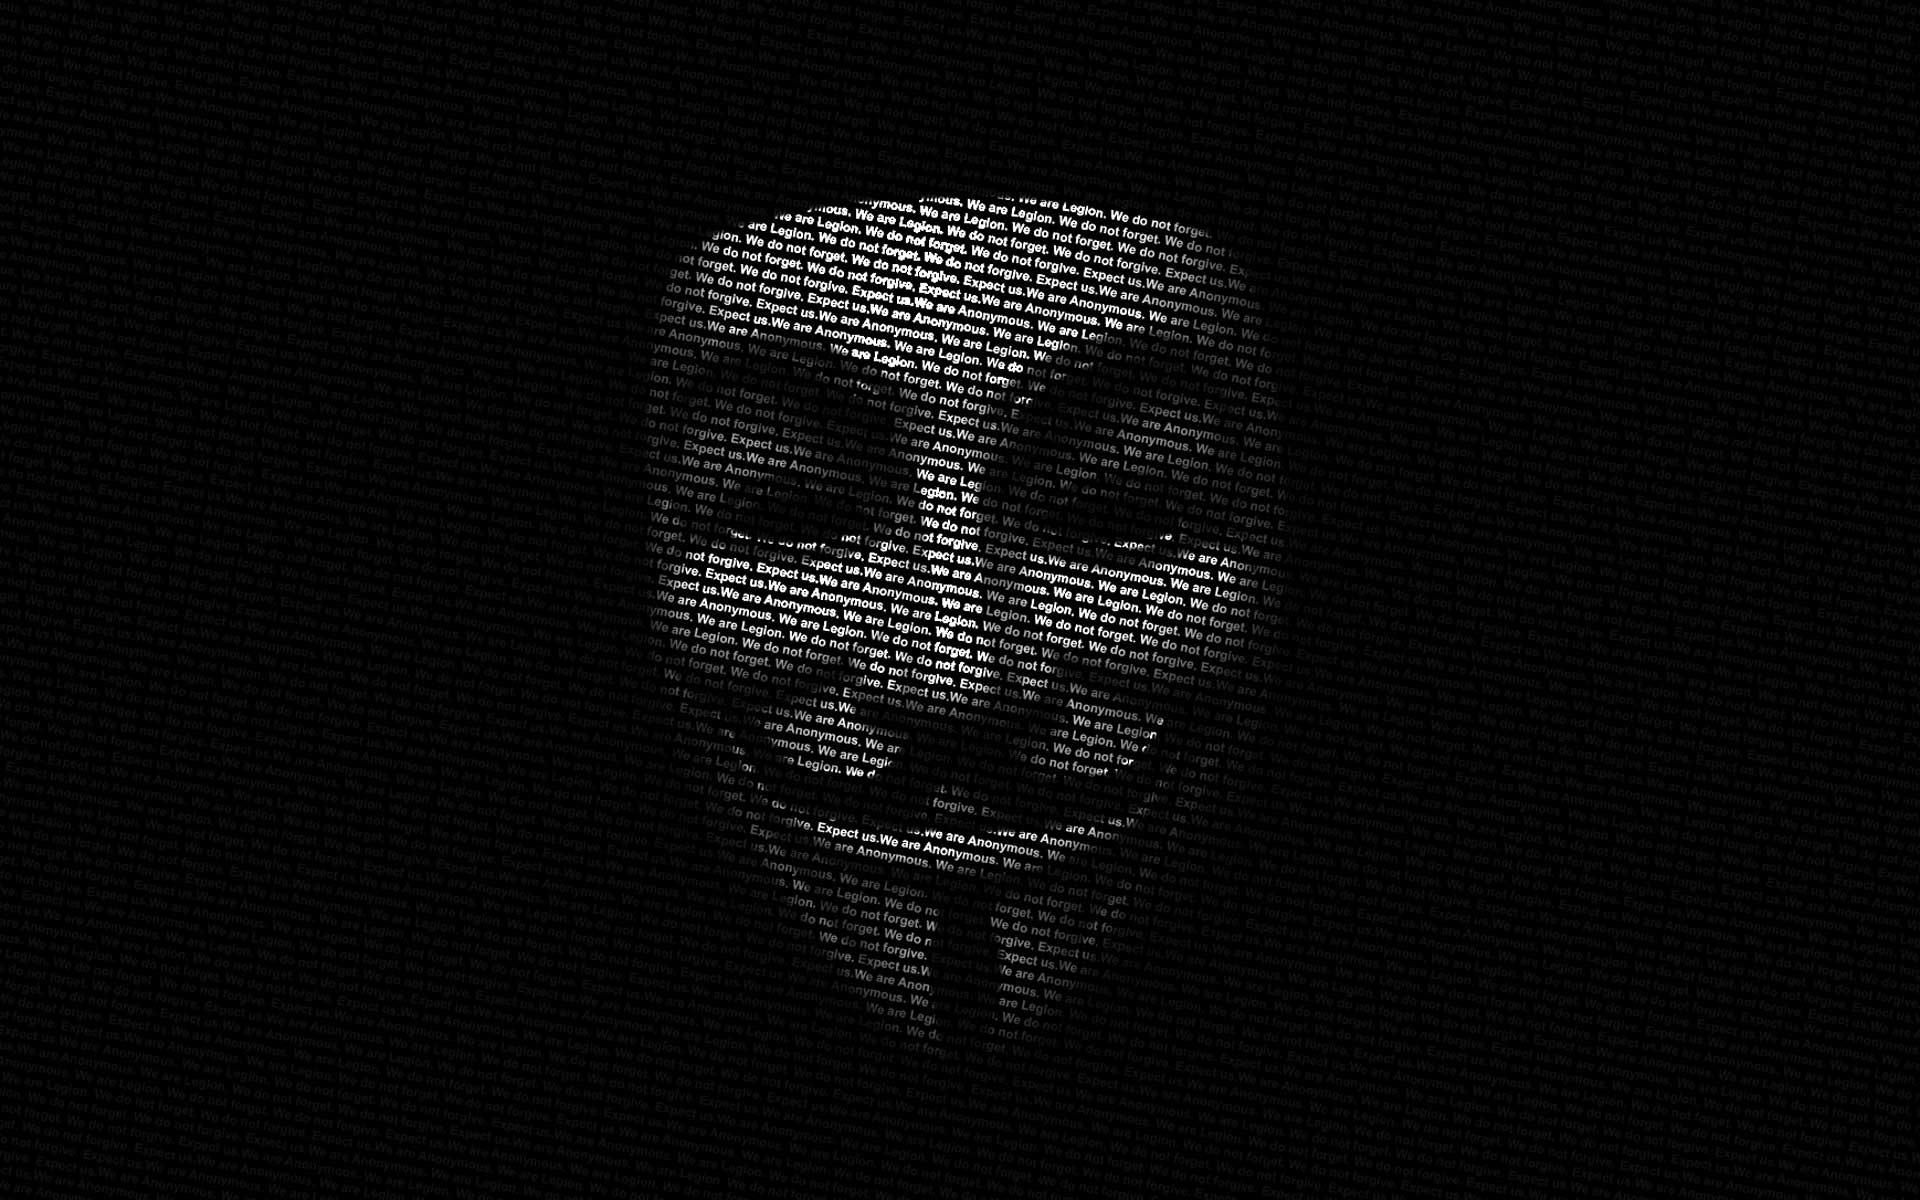 for Vendetta images V for Vendetta wallpaper photos 27694429 1920x1200